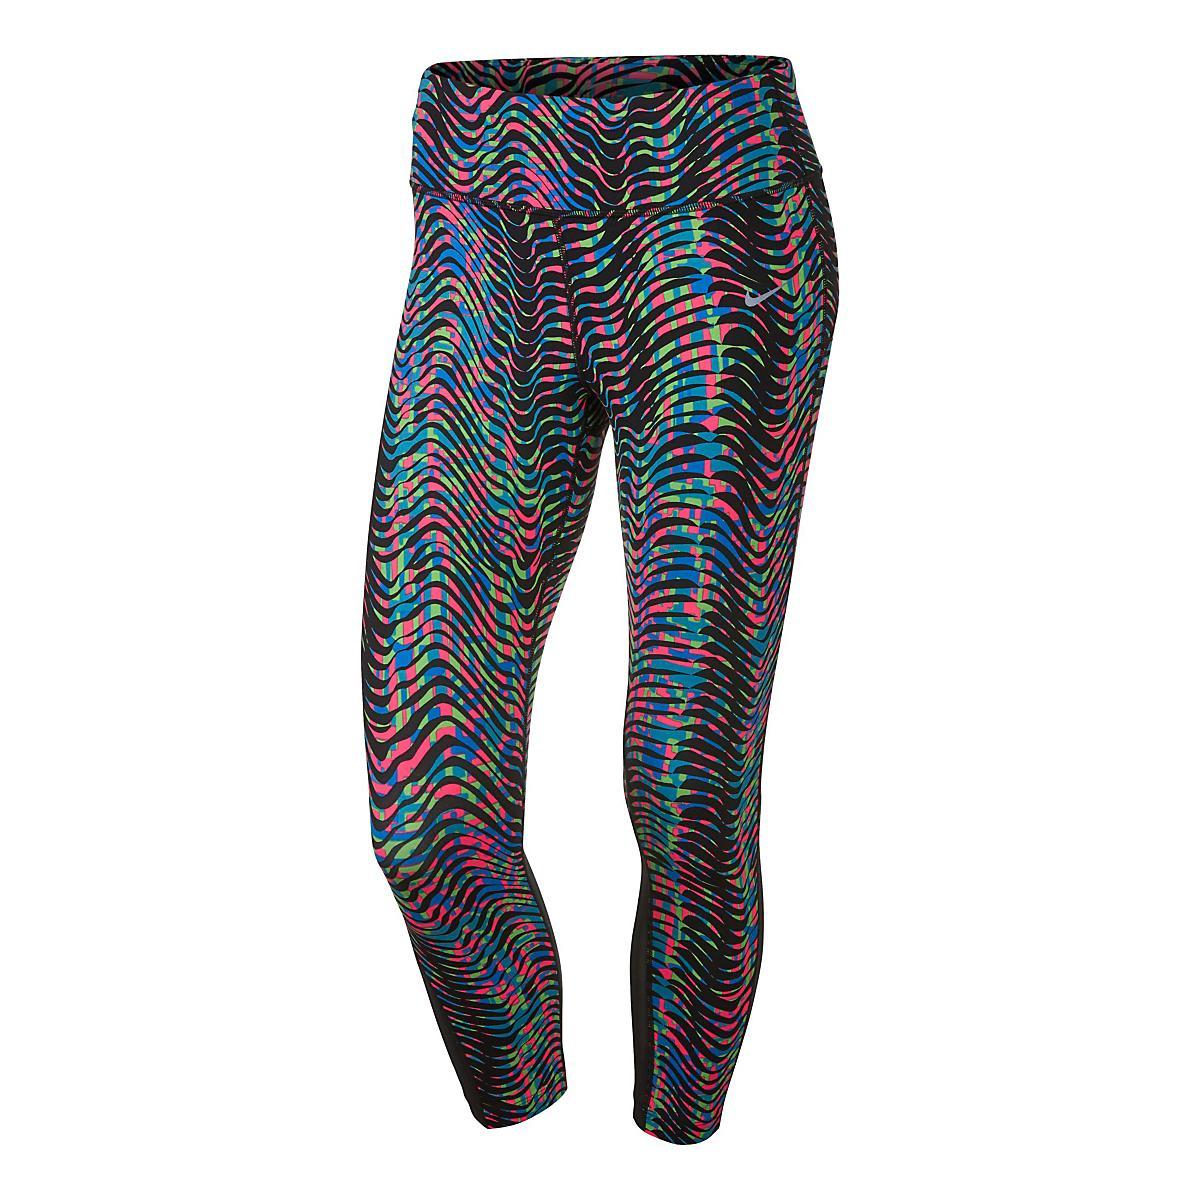 Women's Nike�Power Epic Lux Crop